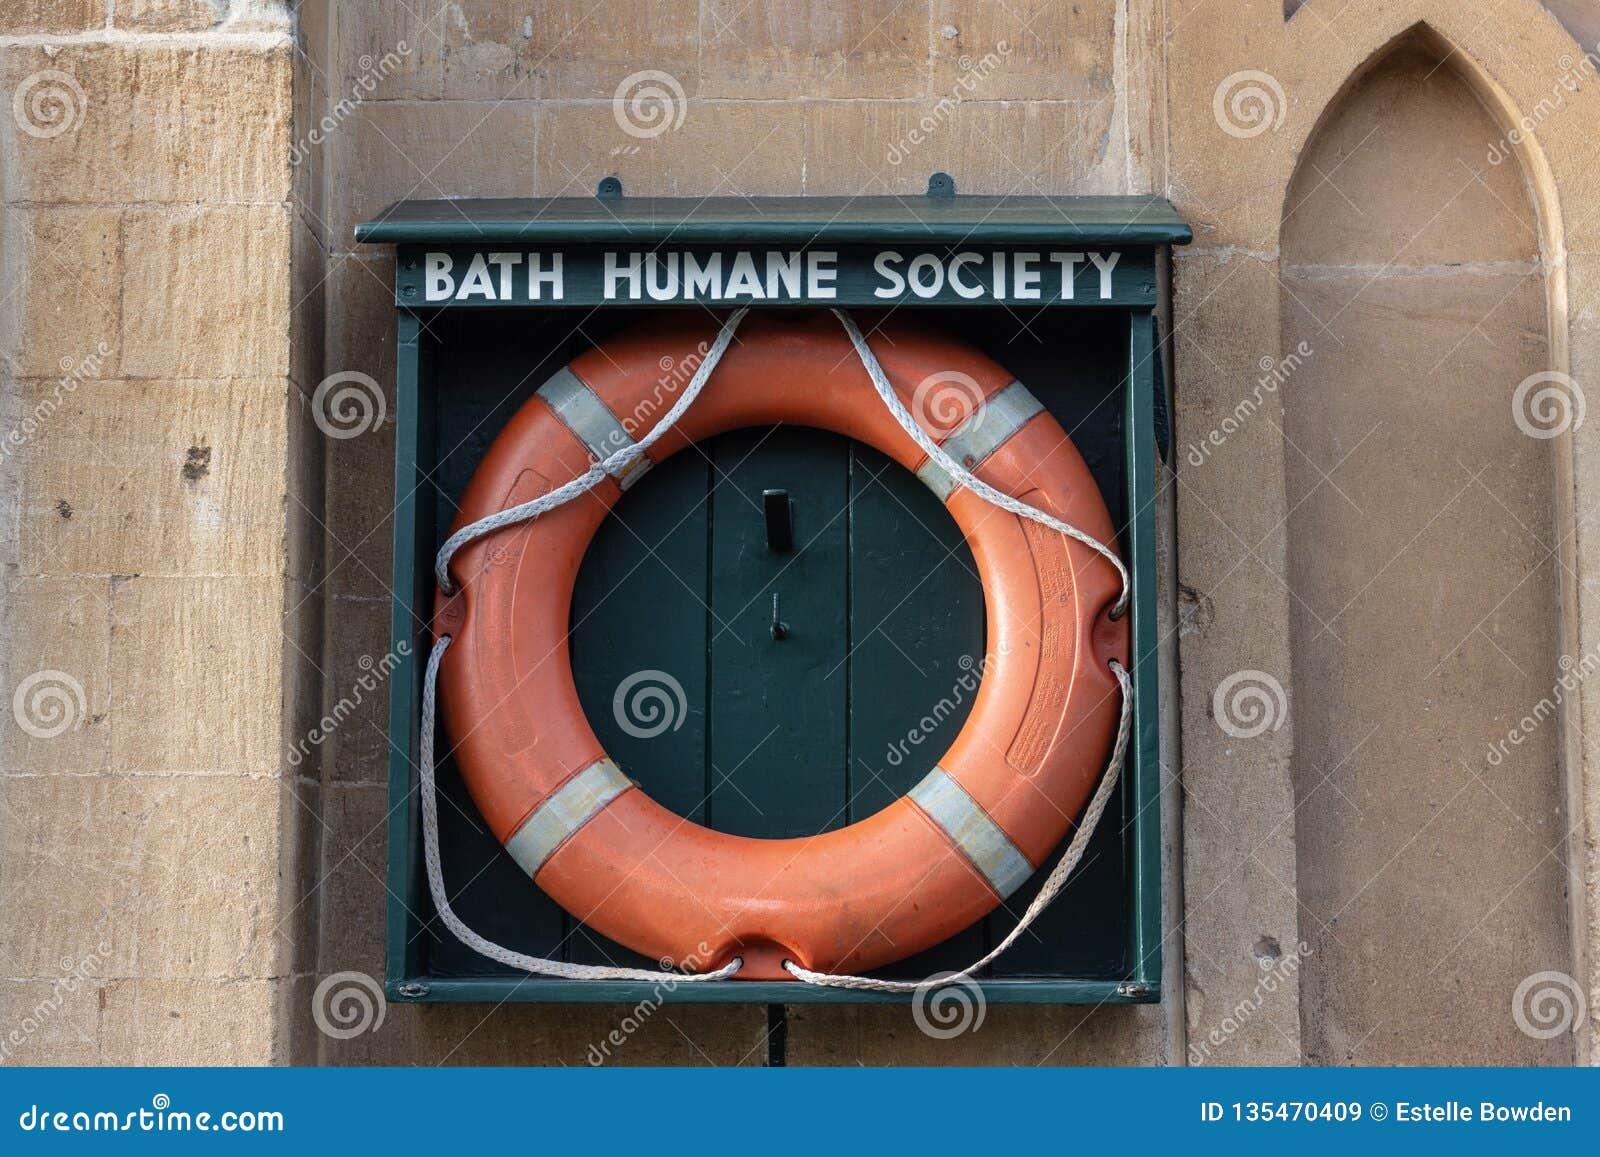 Orange life preserver in Bath Humane Society holder